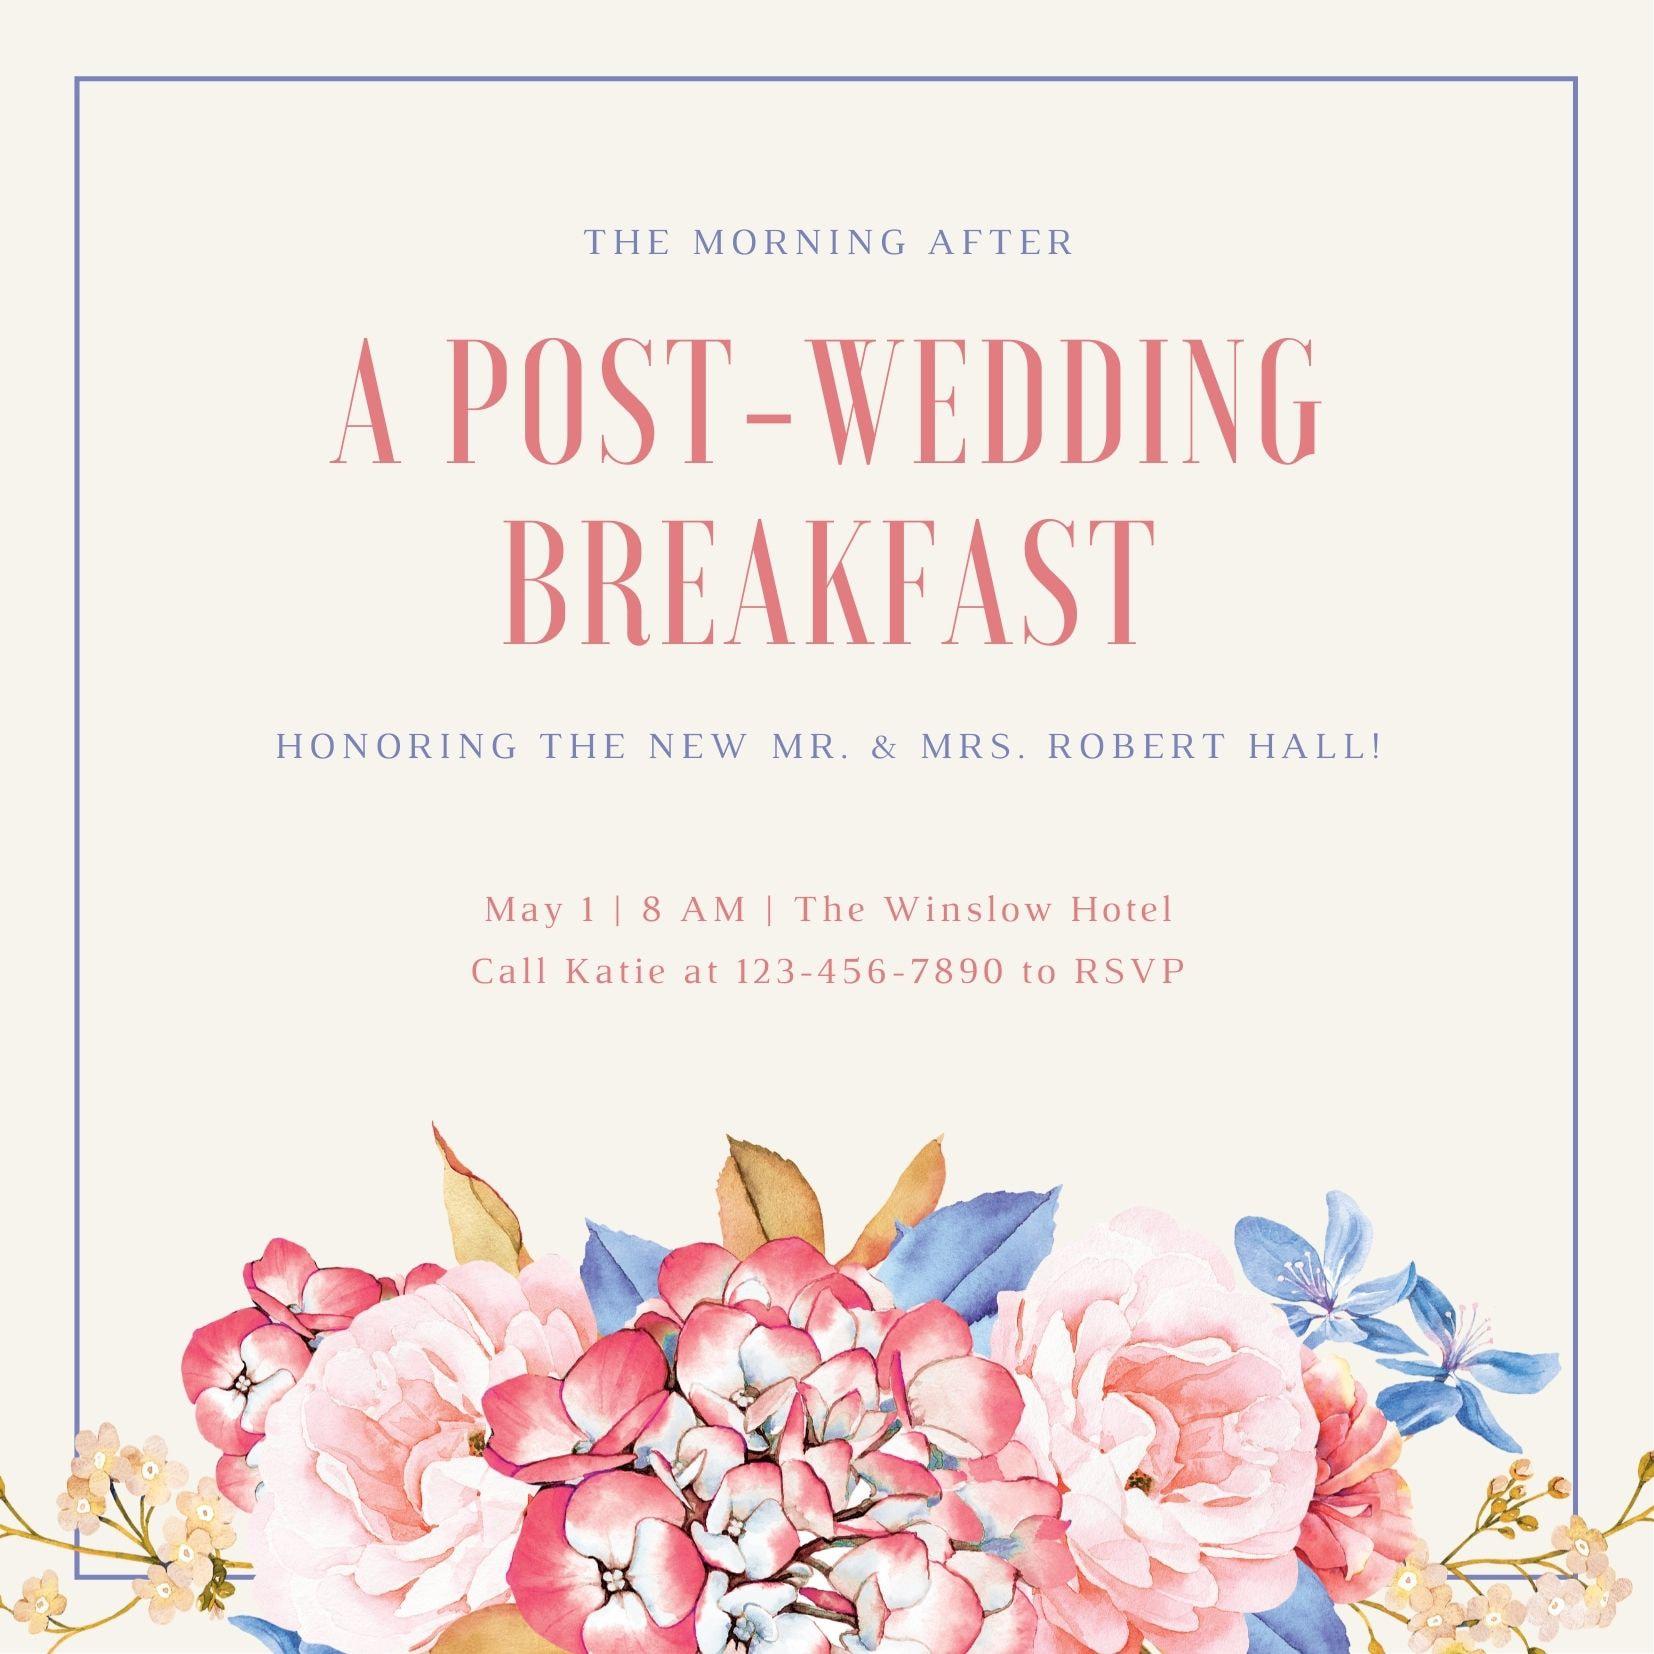 บัตรเชิญงานแต่งงานลายดอกไม้